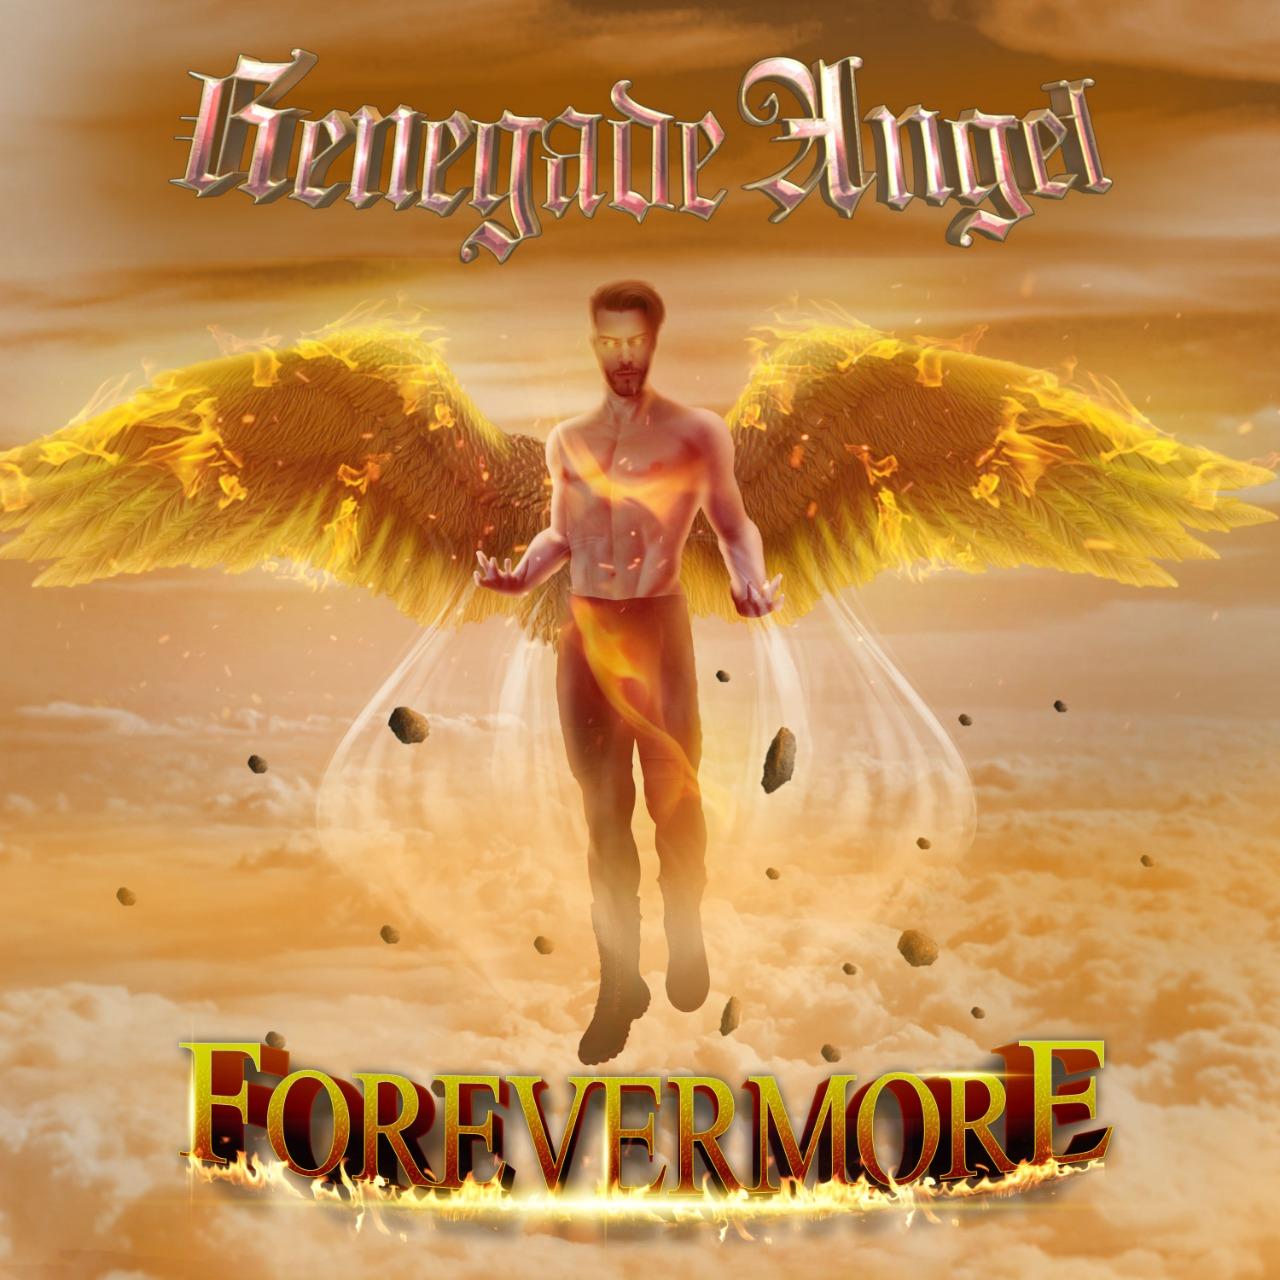 ra forevermore cover.jpg